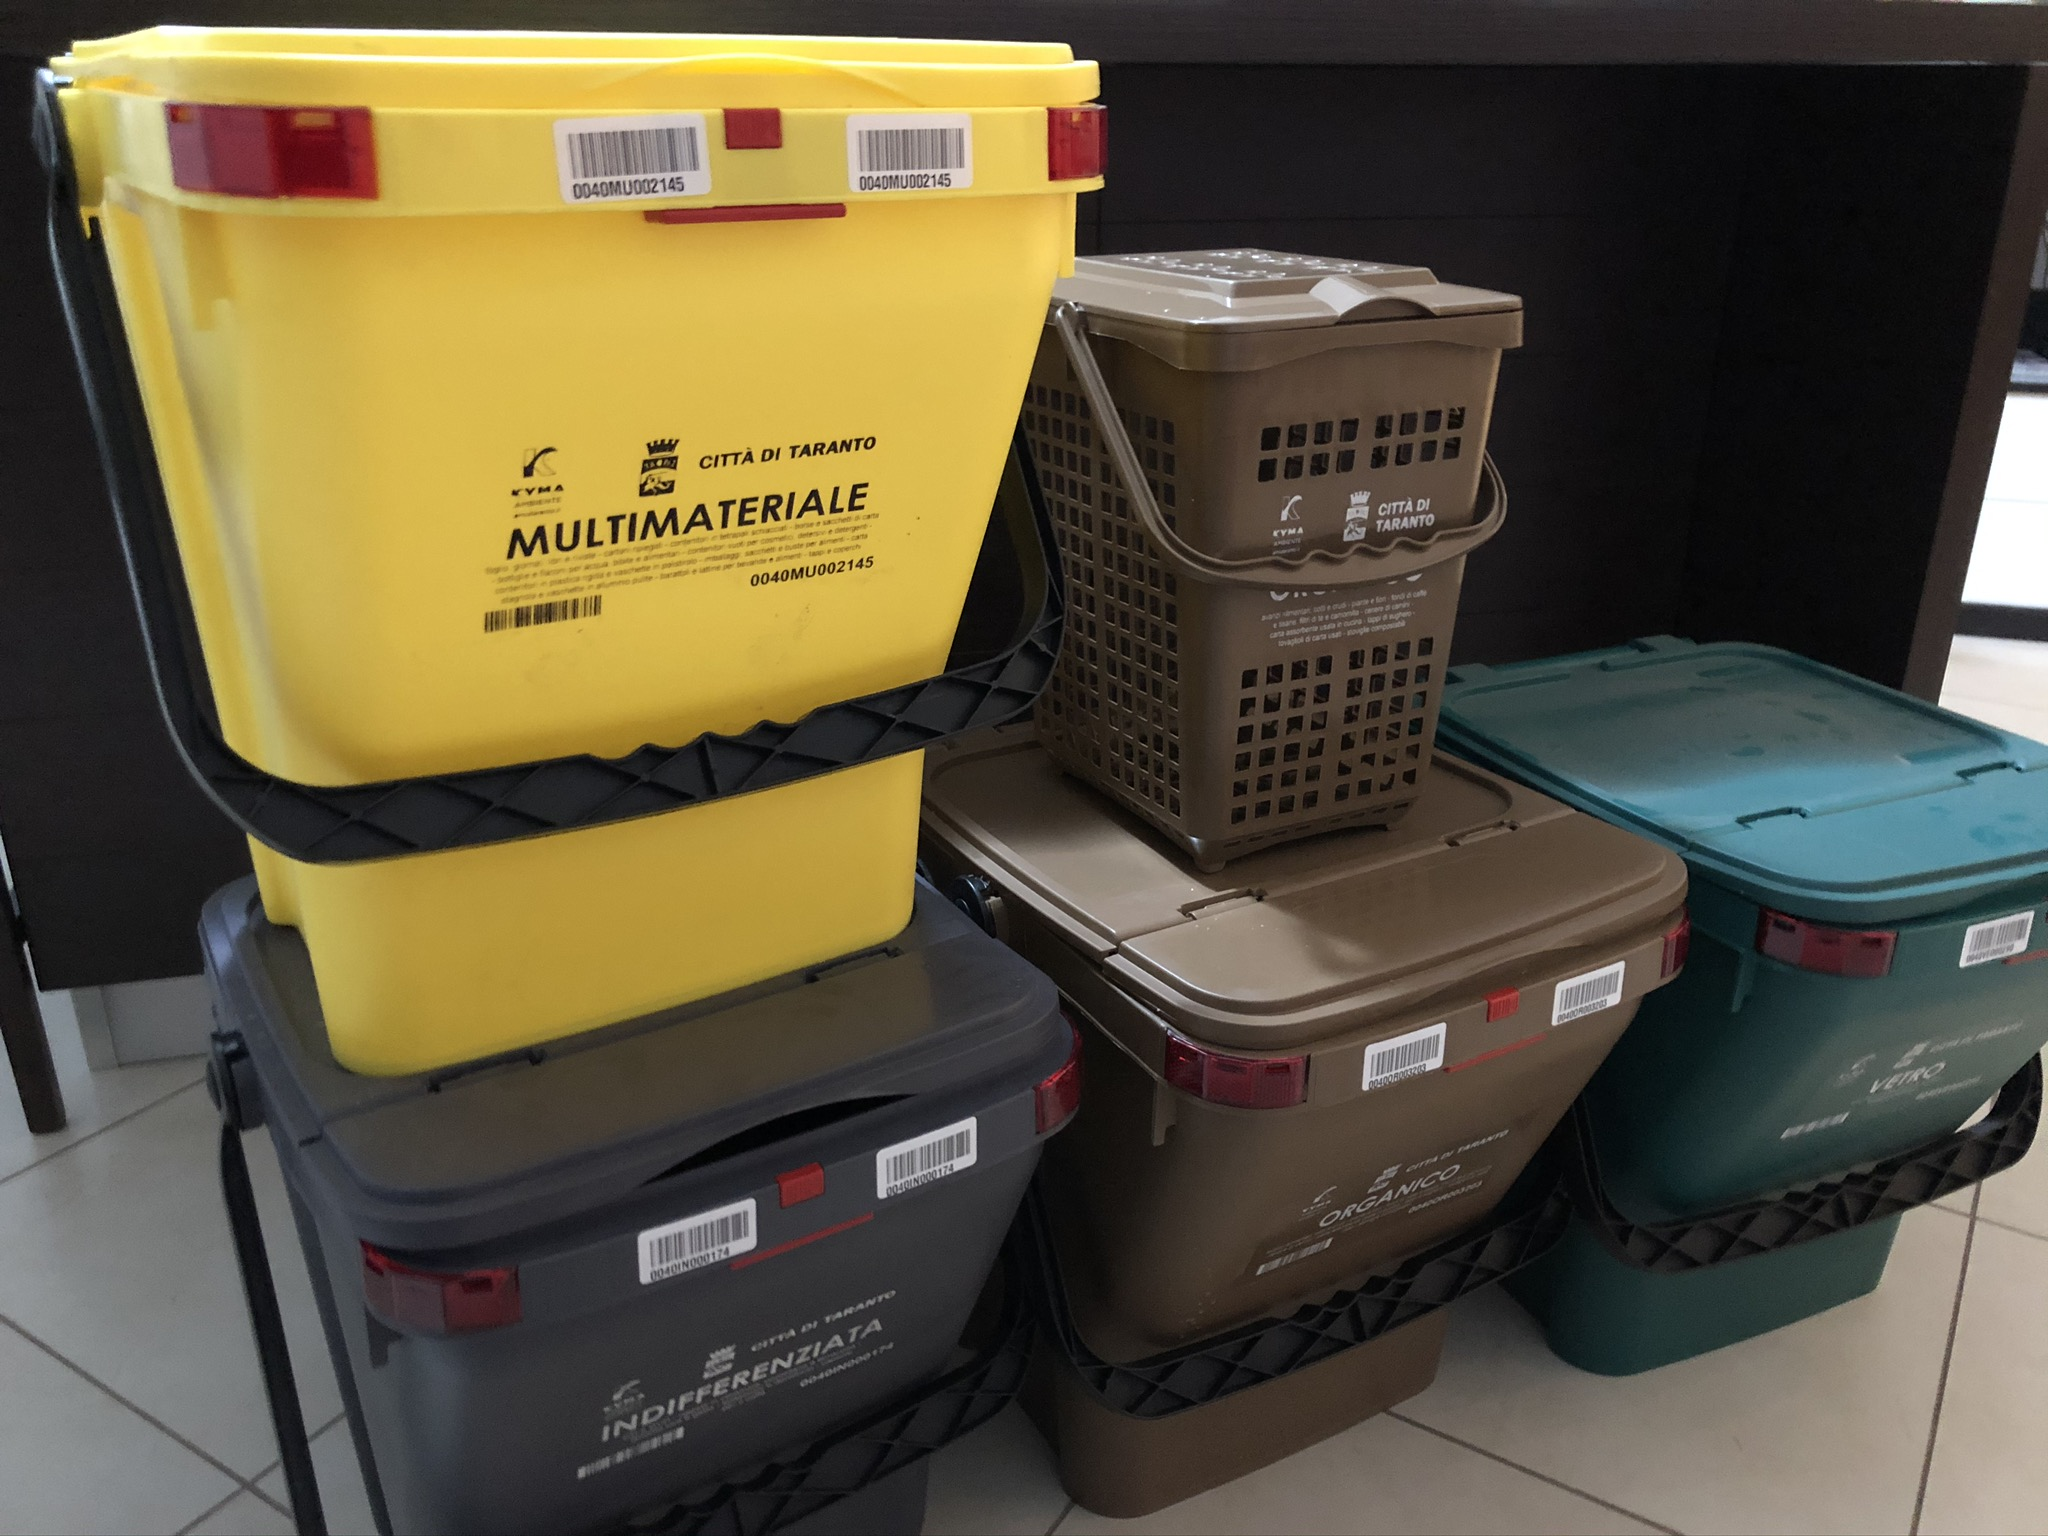 Cestini Raccolta Differenziata Casa taranto – amiu, nuovo servizio di raccolta differenziata nel